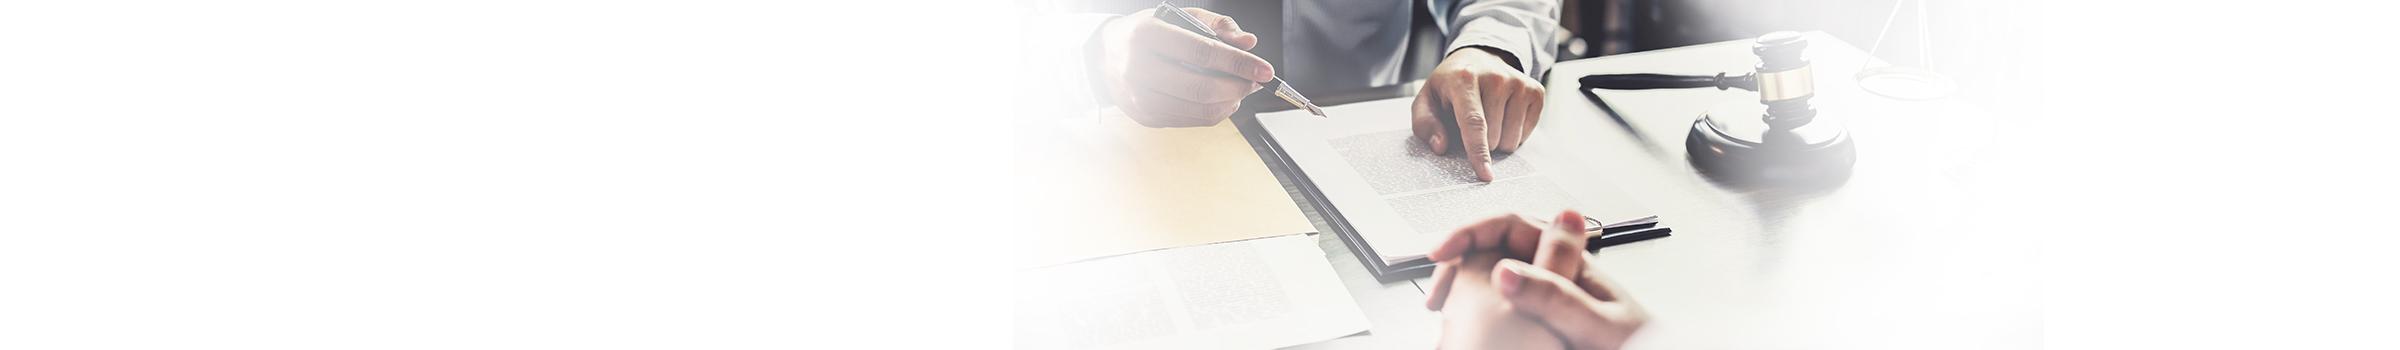 2-abogadosespecializados-img